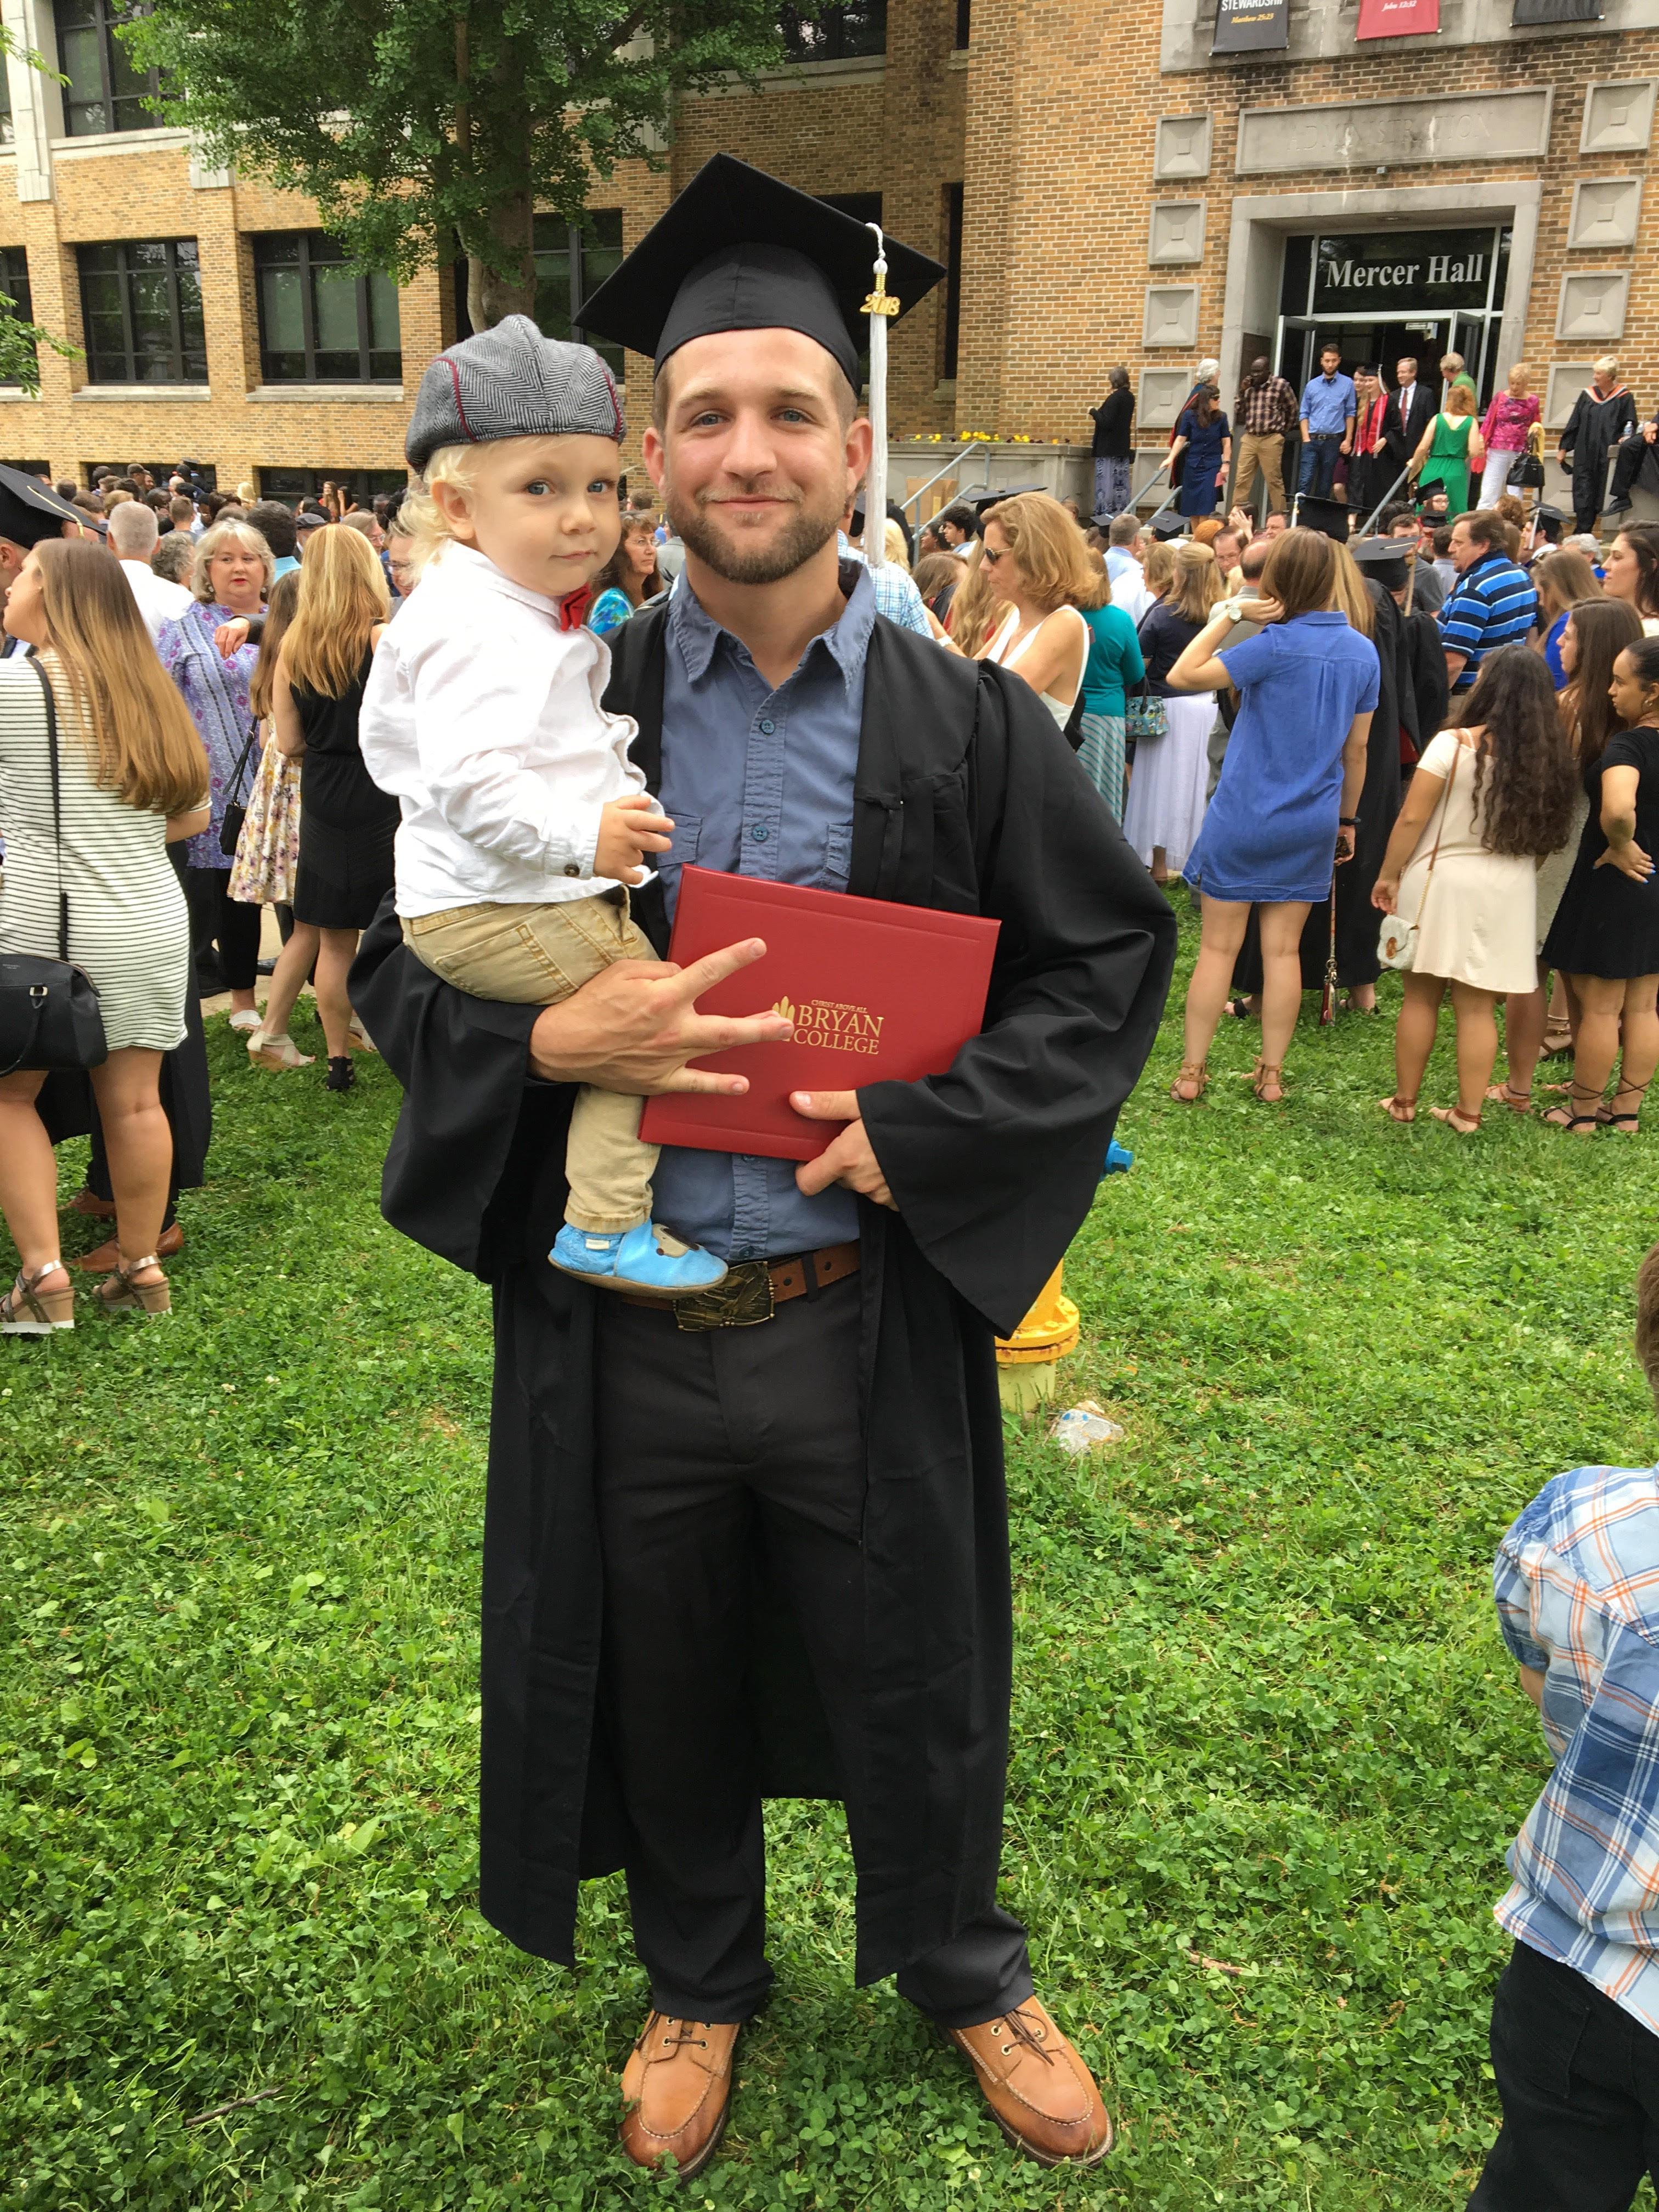 Matt and able at graduation